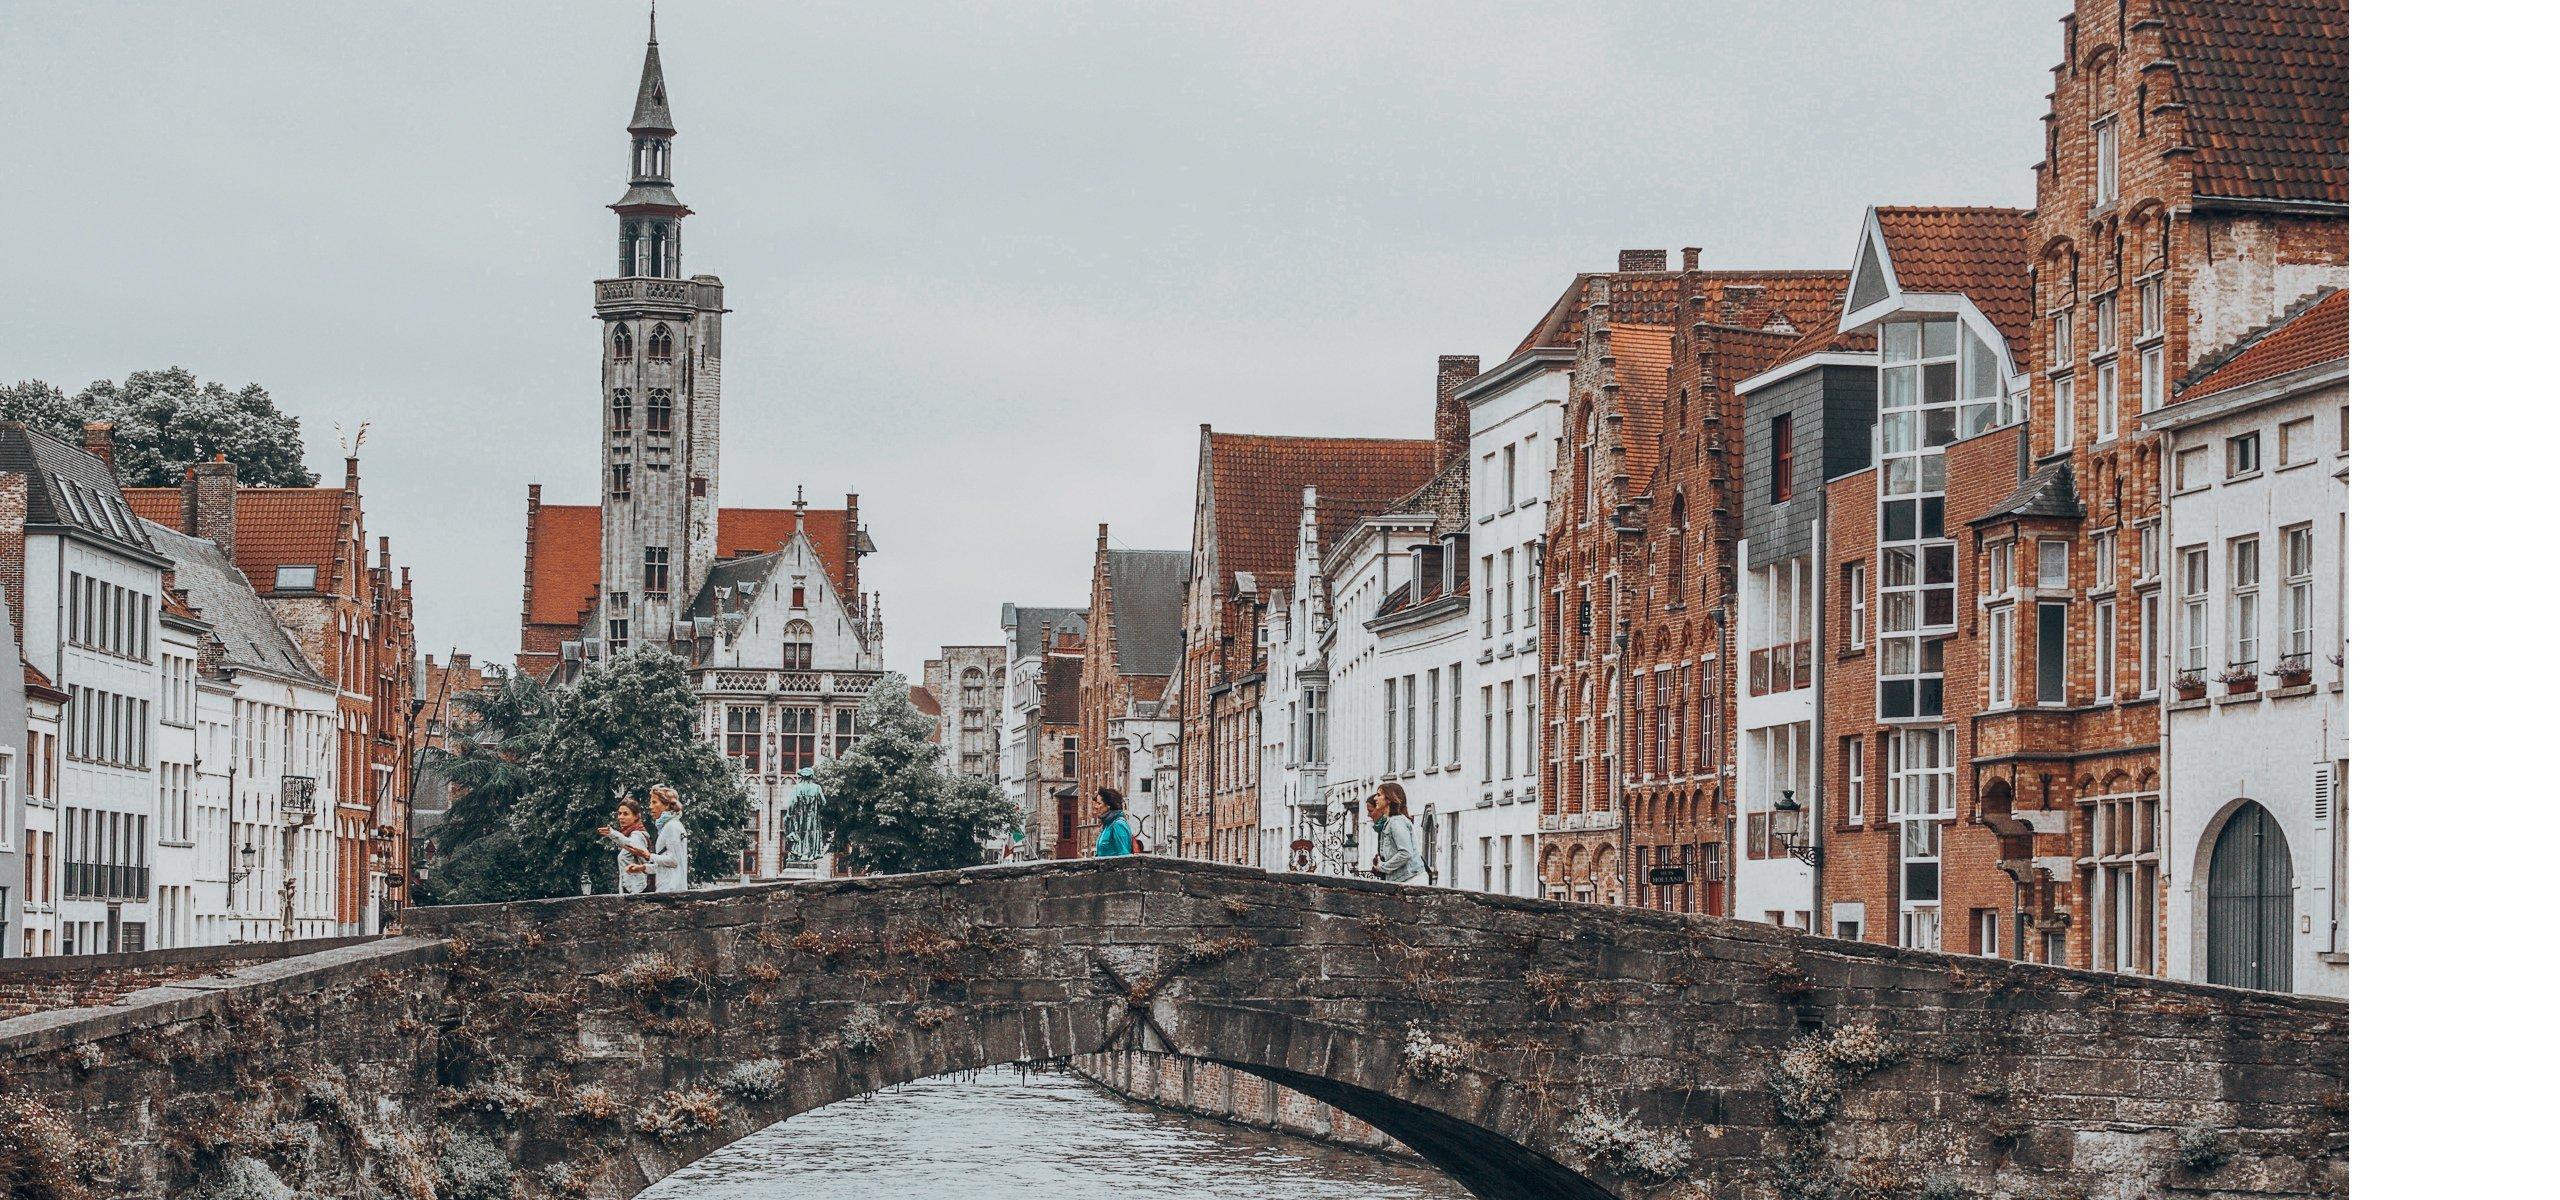 Canals in Bruges - 24 Hours In Bruges